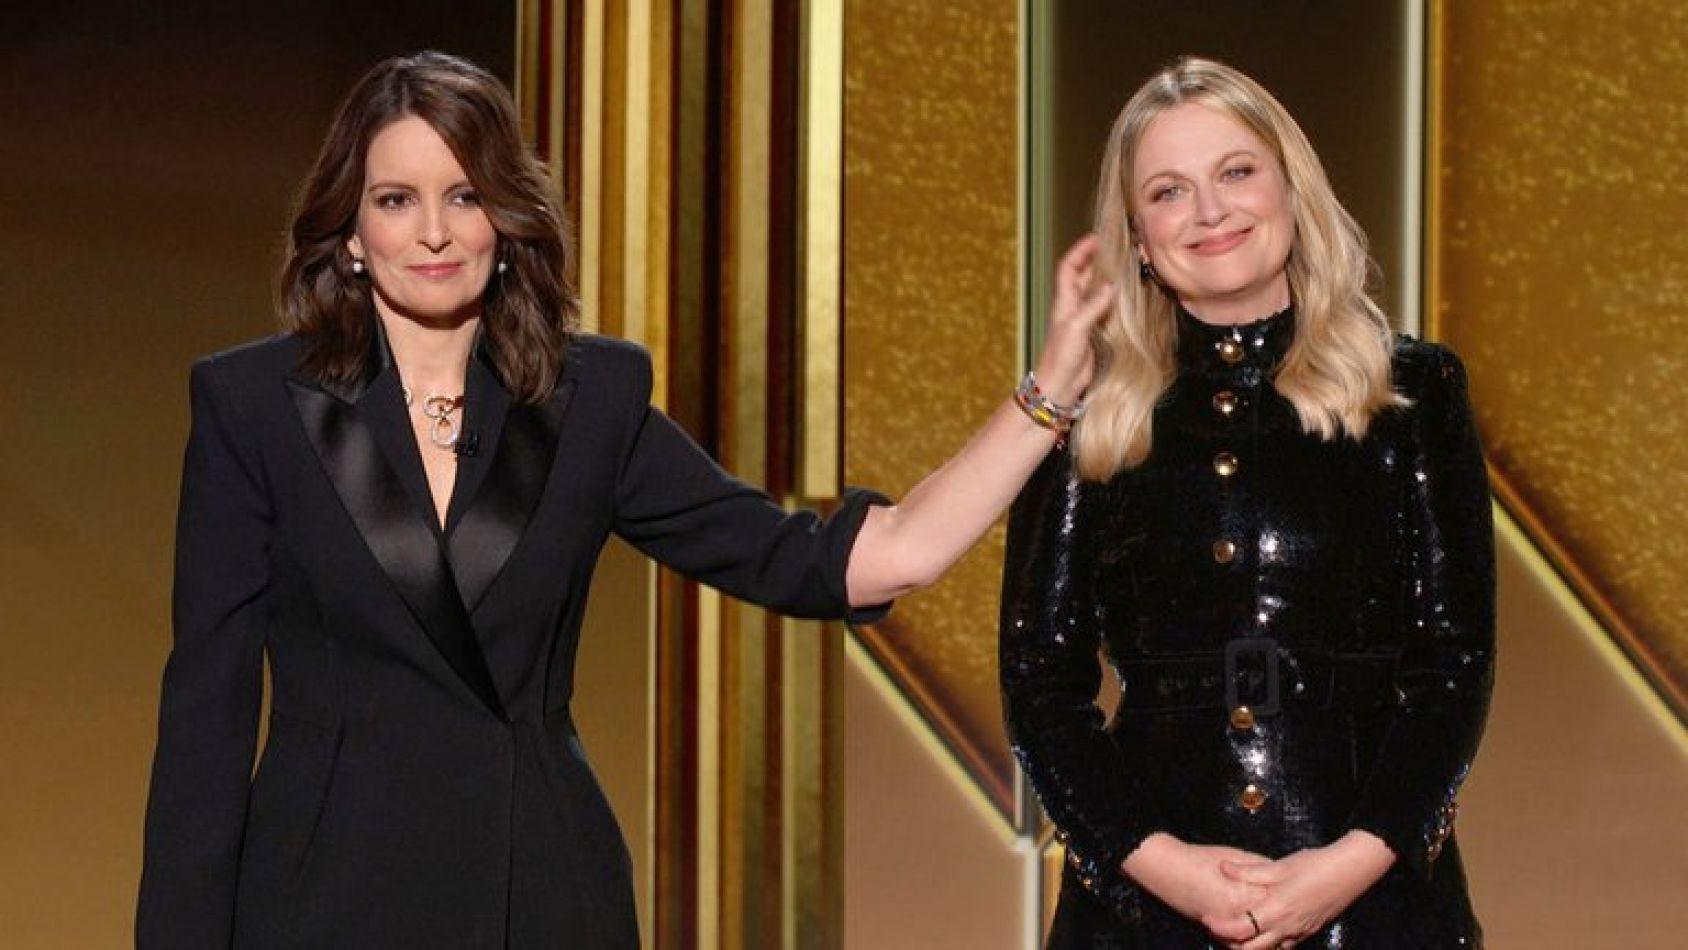 Globos de Oro 2021: todos los ganadores de la 78.ª entrega organizada por la Asociación de Prensa Extranjera de Hollywood